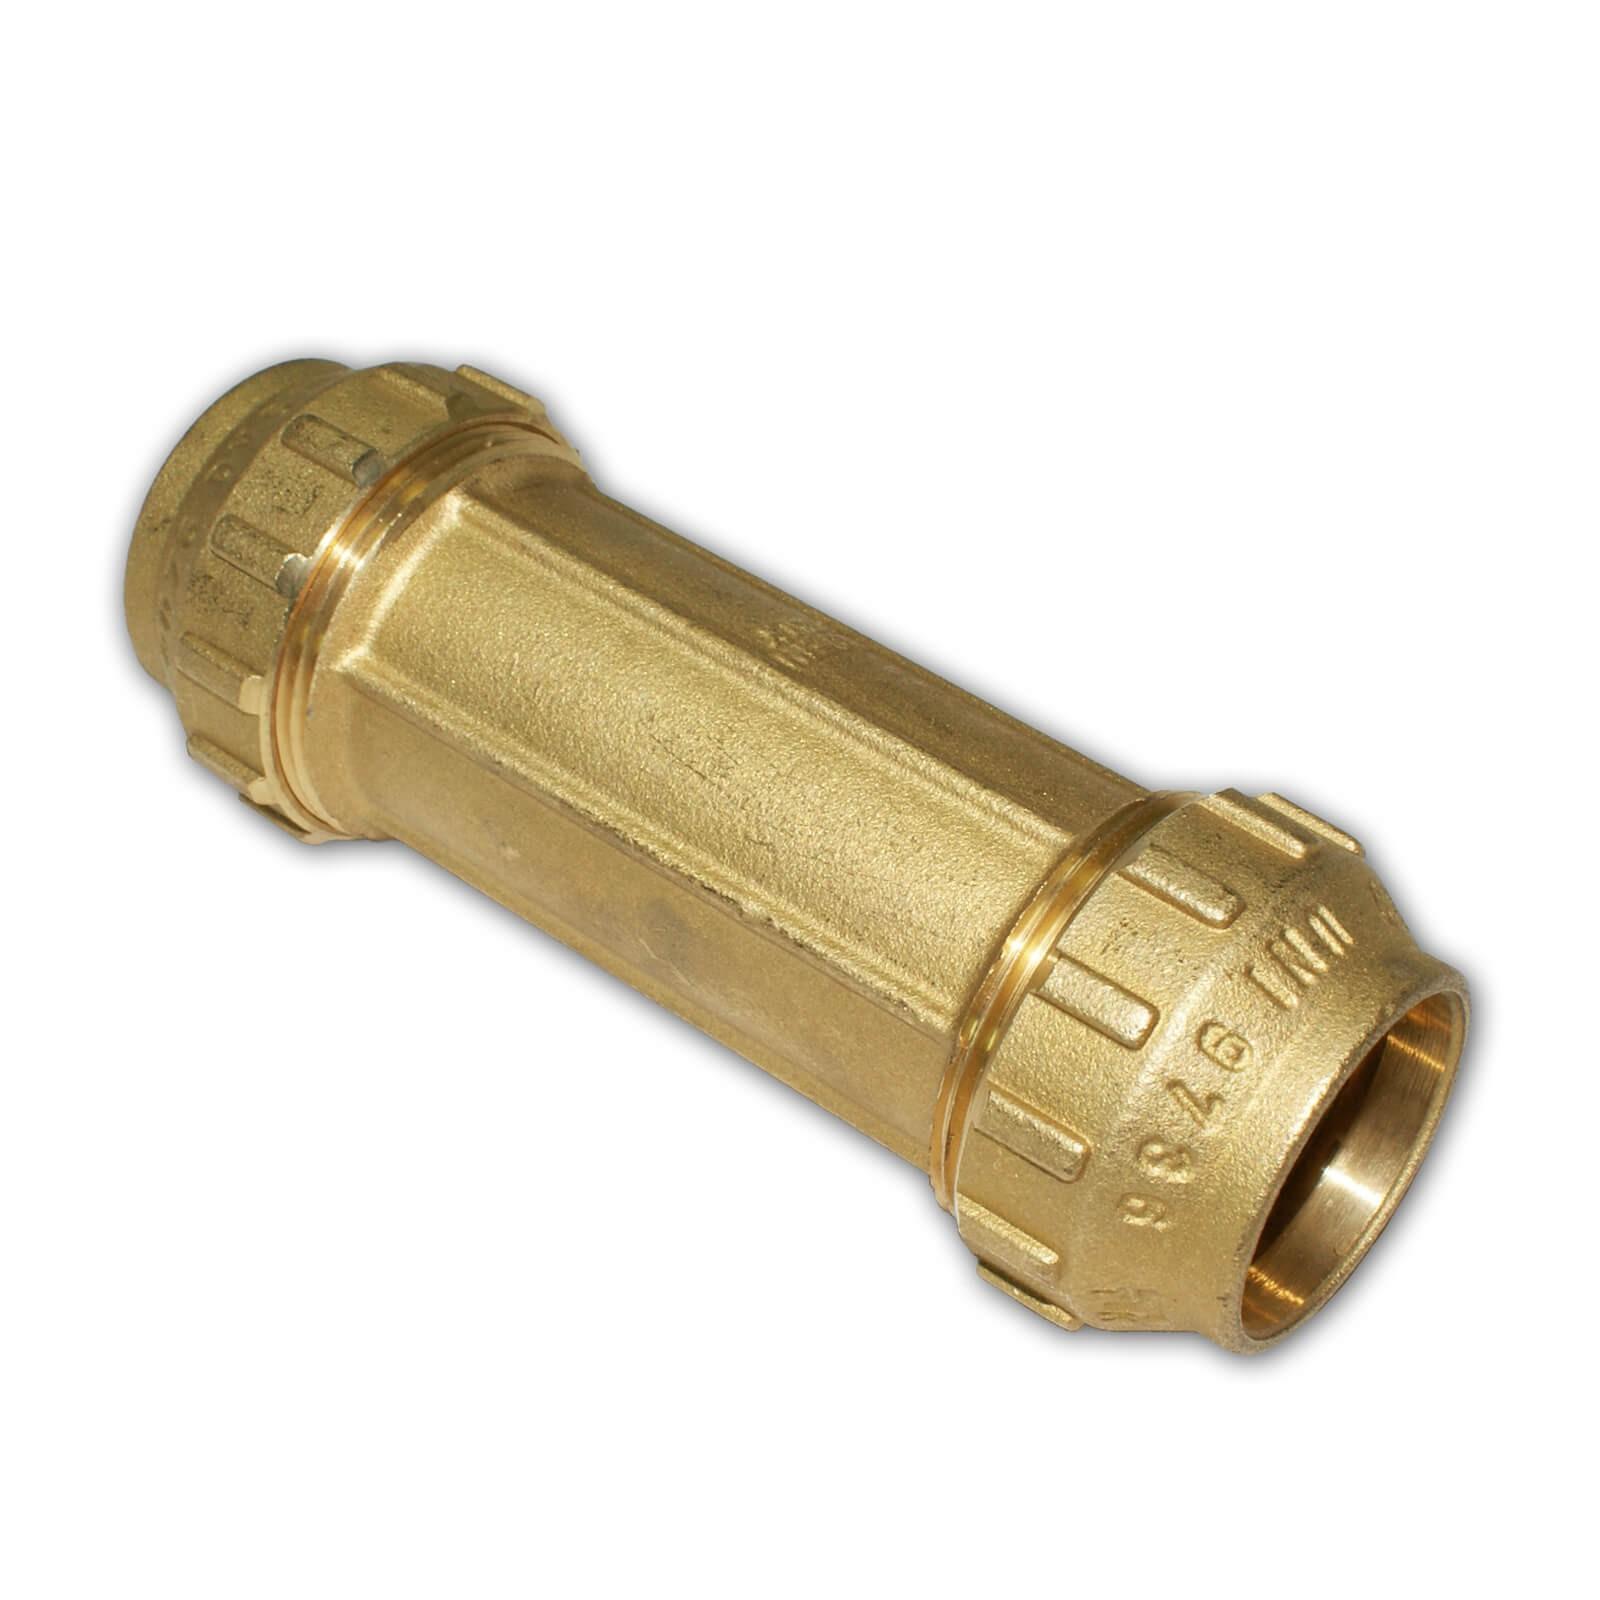 5 Stück   PE Rohr Verschraubung   Ø  25 x 20 mm  reduziert mit  Kupplung